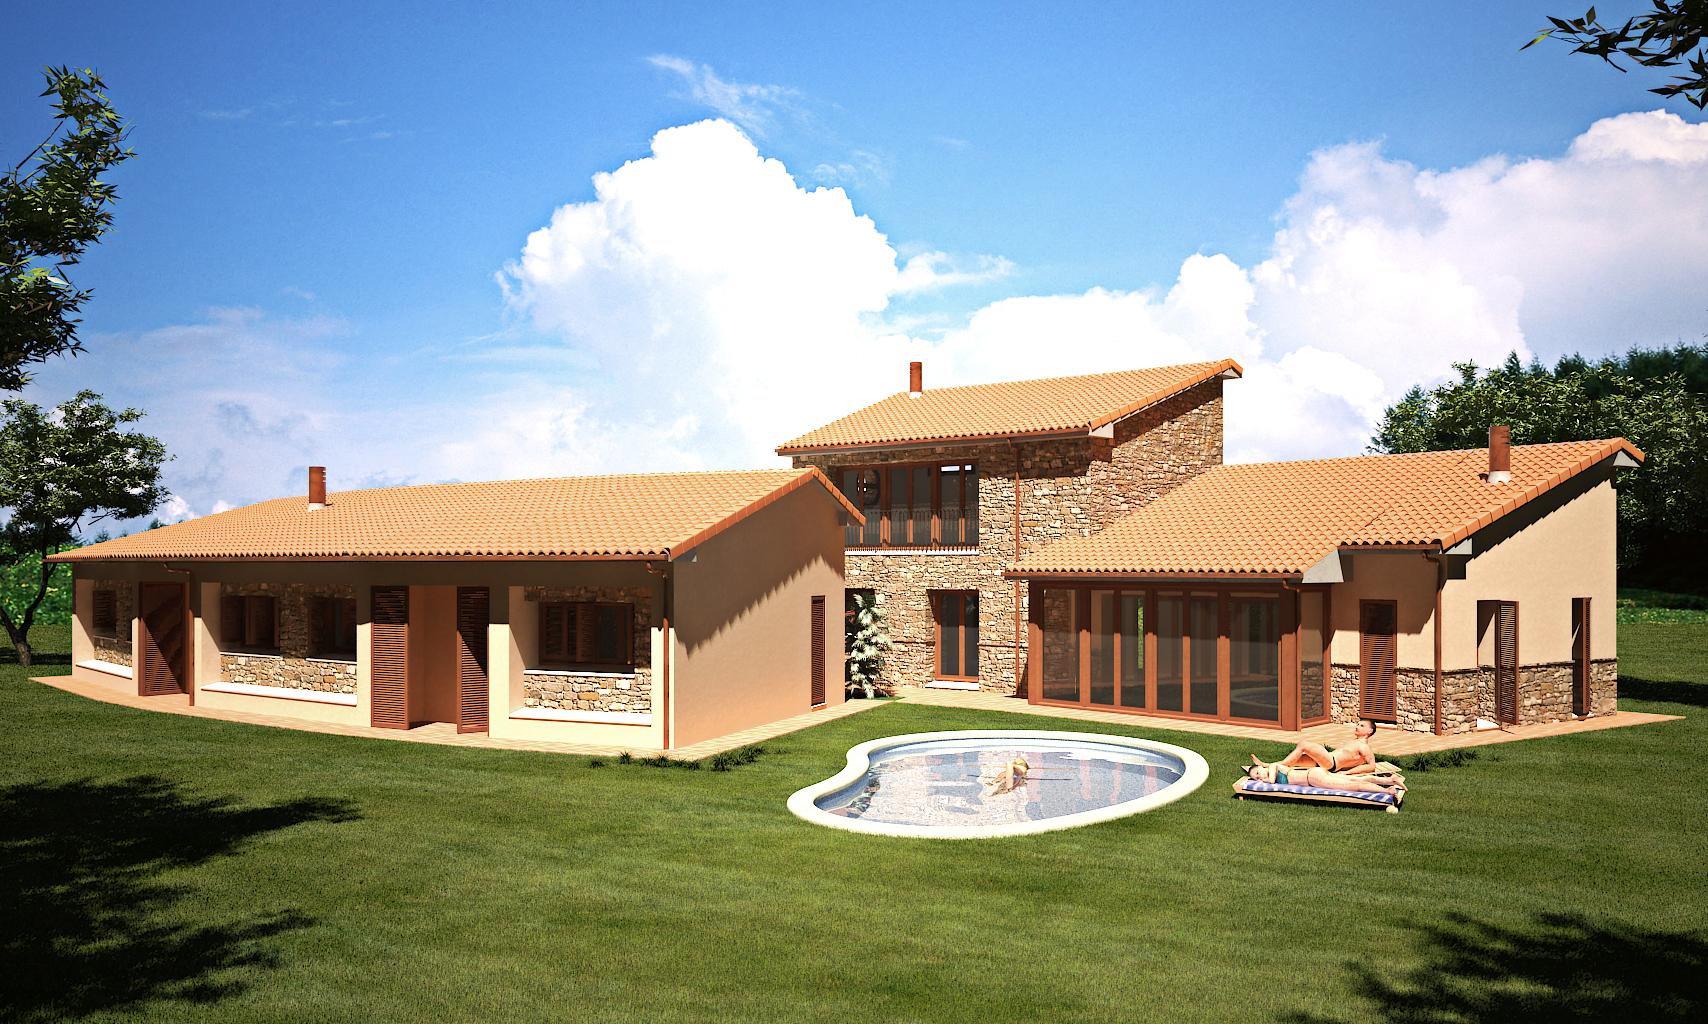 Casa rustica for Fachadas de casas modernas y rusticas